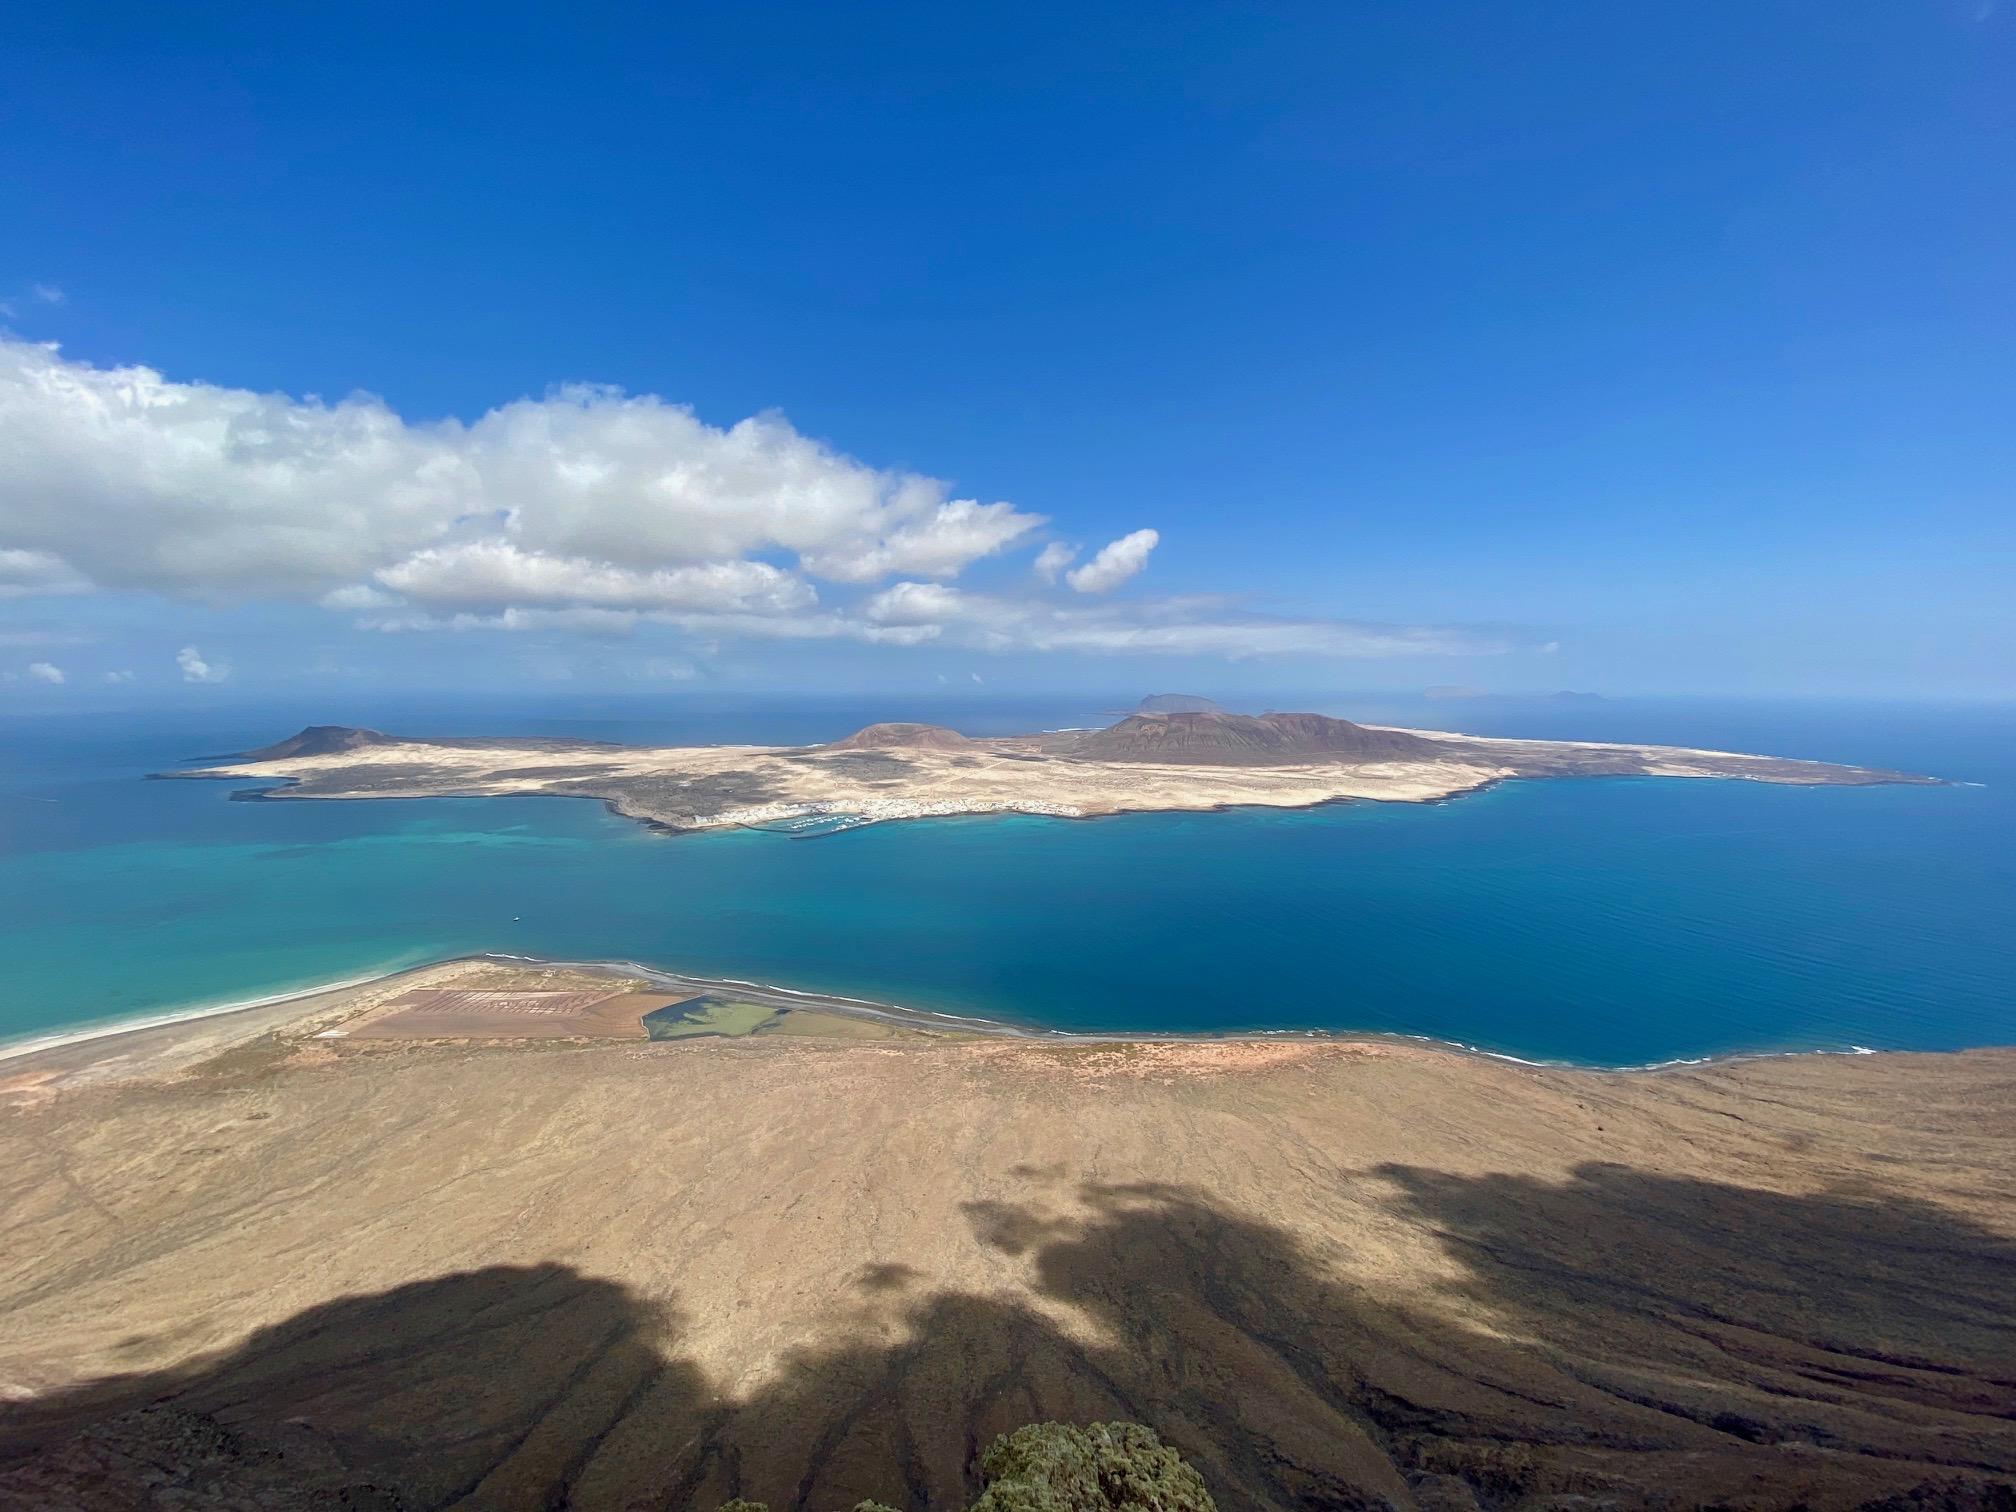 Lanzarote, mirador del rio, canaries, ile graciosa